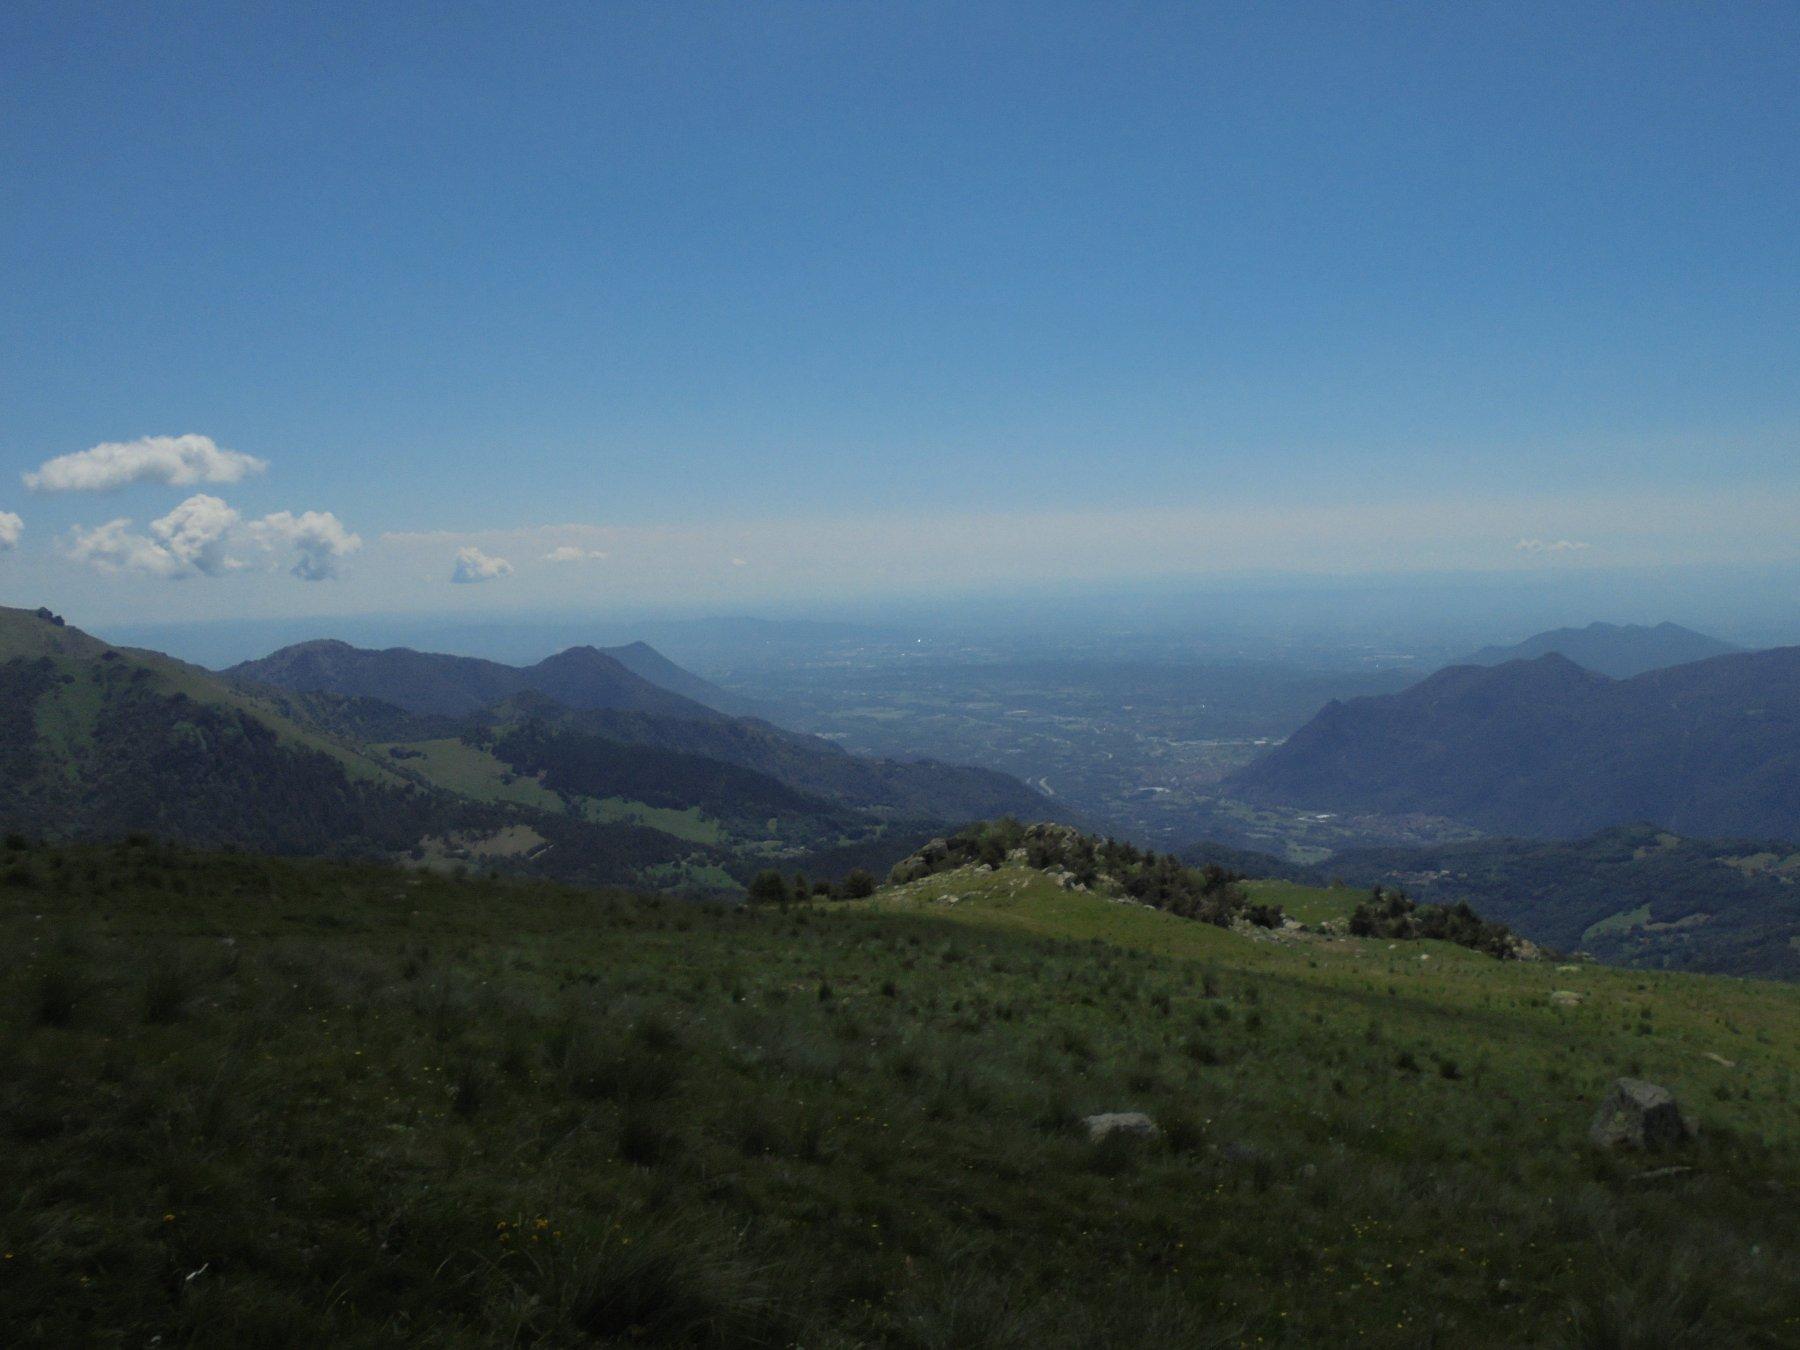 Il pianoro dell'Alpe Formica e la bassa valle